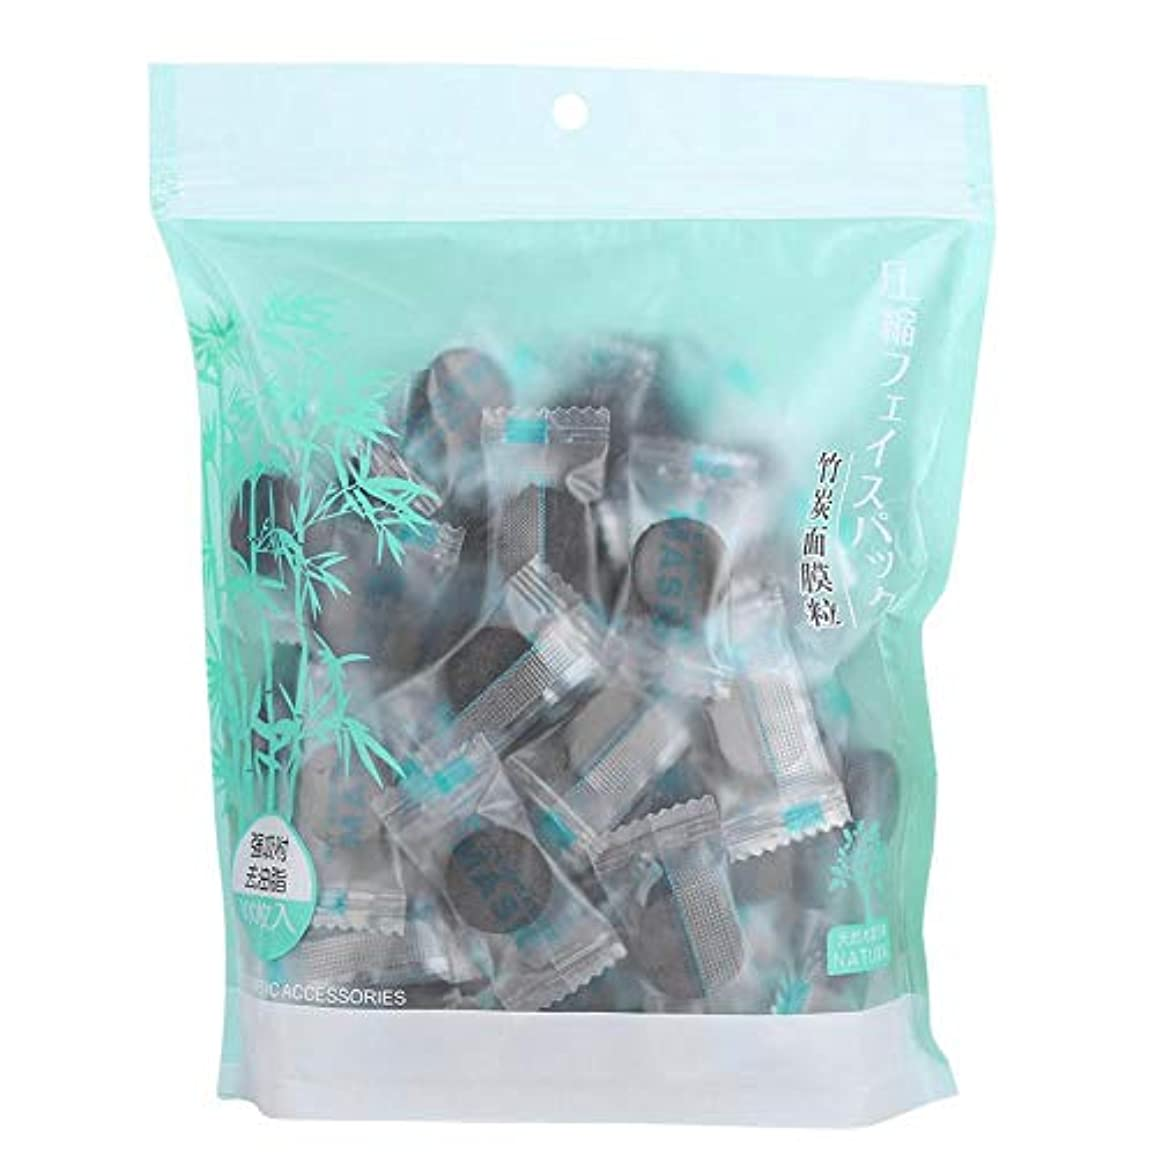 規制するハッピー補償圧縮フェイスマスク メラニンの吸着と保湿と保湿のための圧縮マスク使い捨てフェイスマスク100個